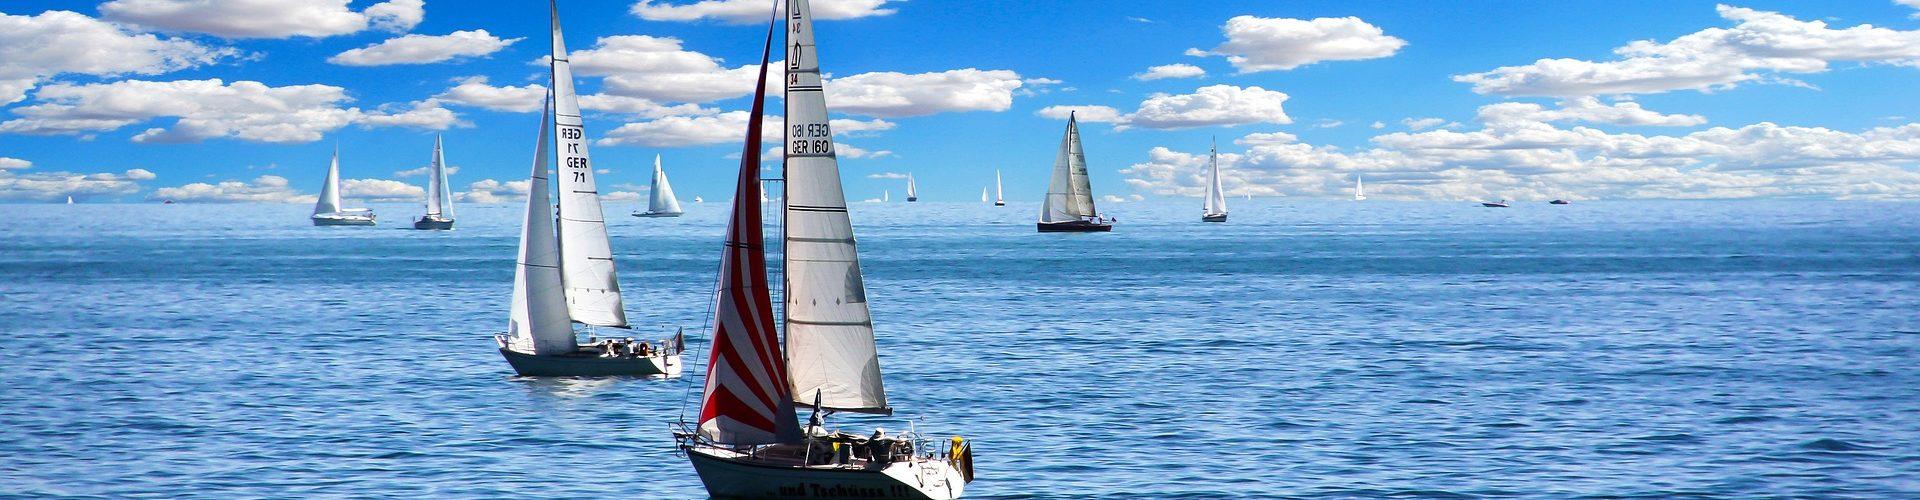 segeln lernen in Bernkastel Kues segelschein machen in Bernkastel Kues 1920x500 - Segeln lernen in Bernkastel-Kues